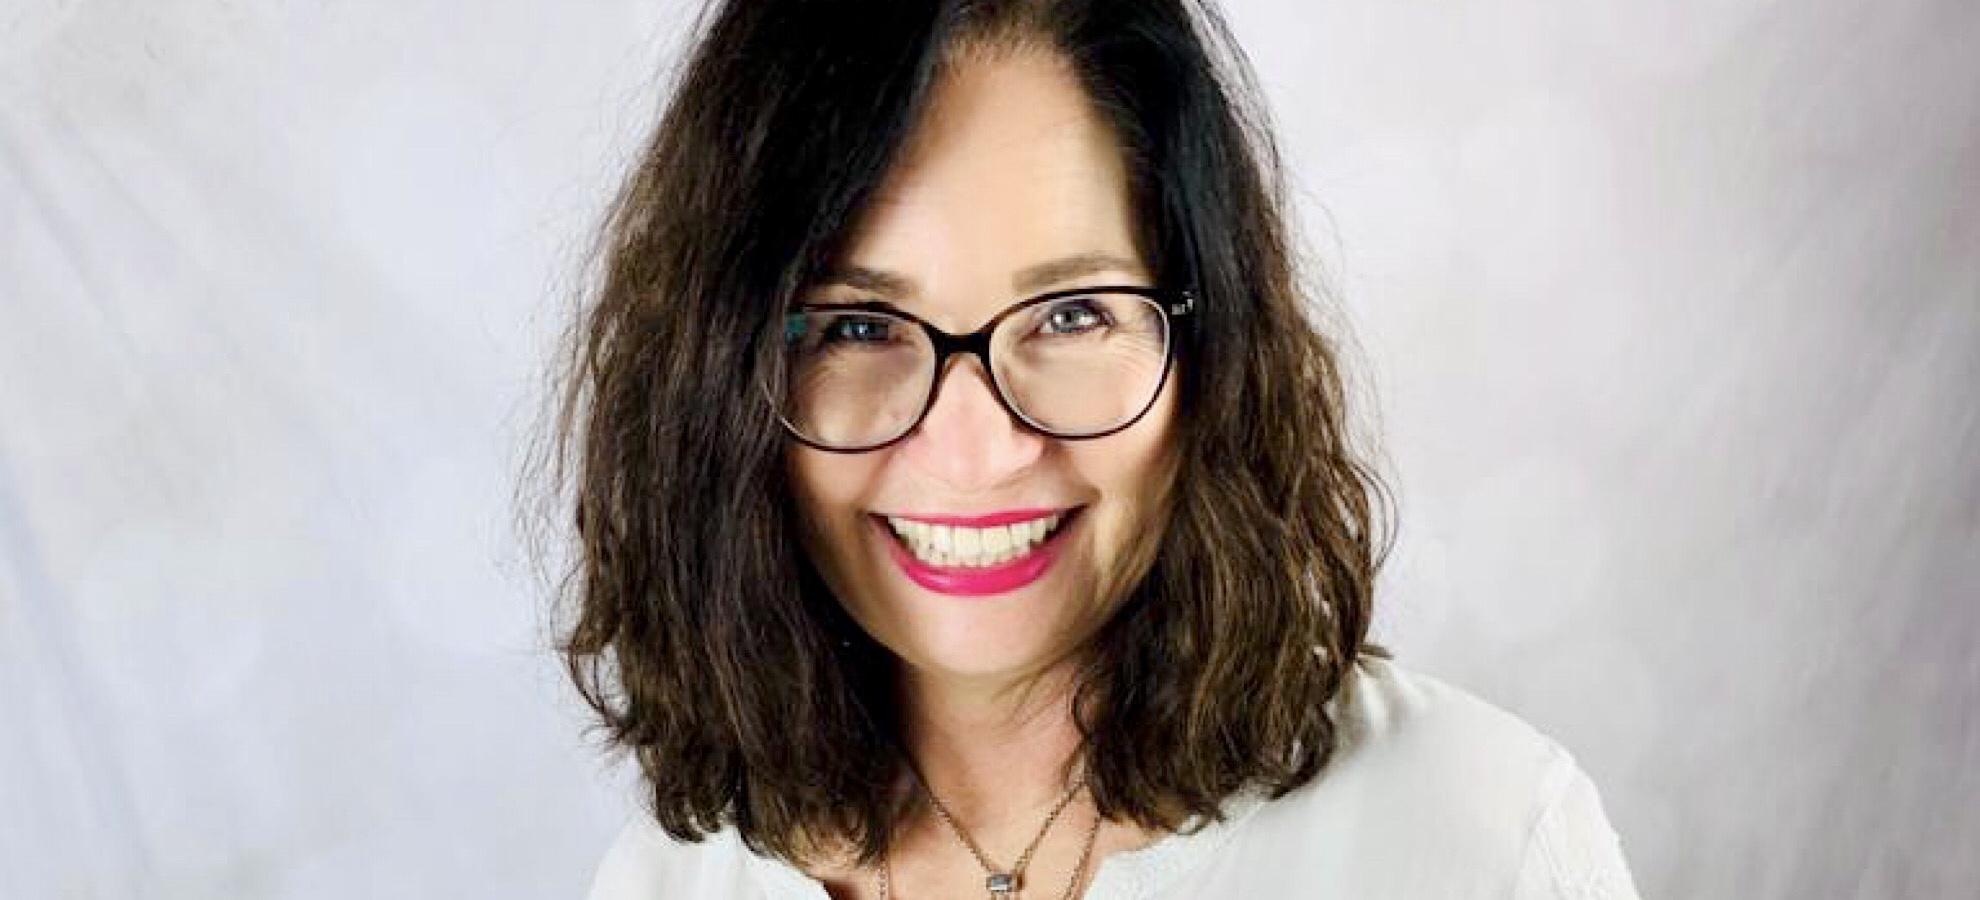 Kundengewinnung Susanne Klitsch über die sozialen Medien